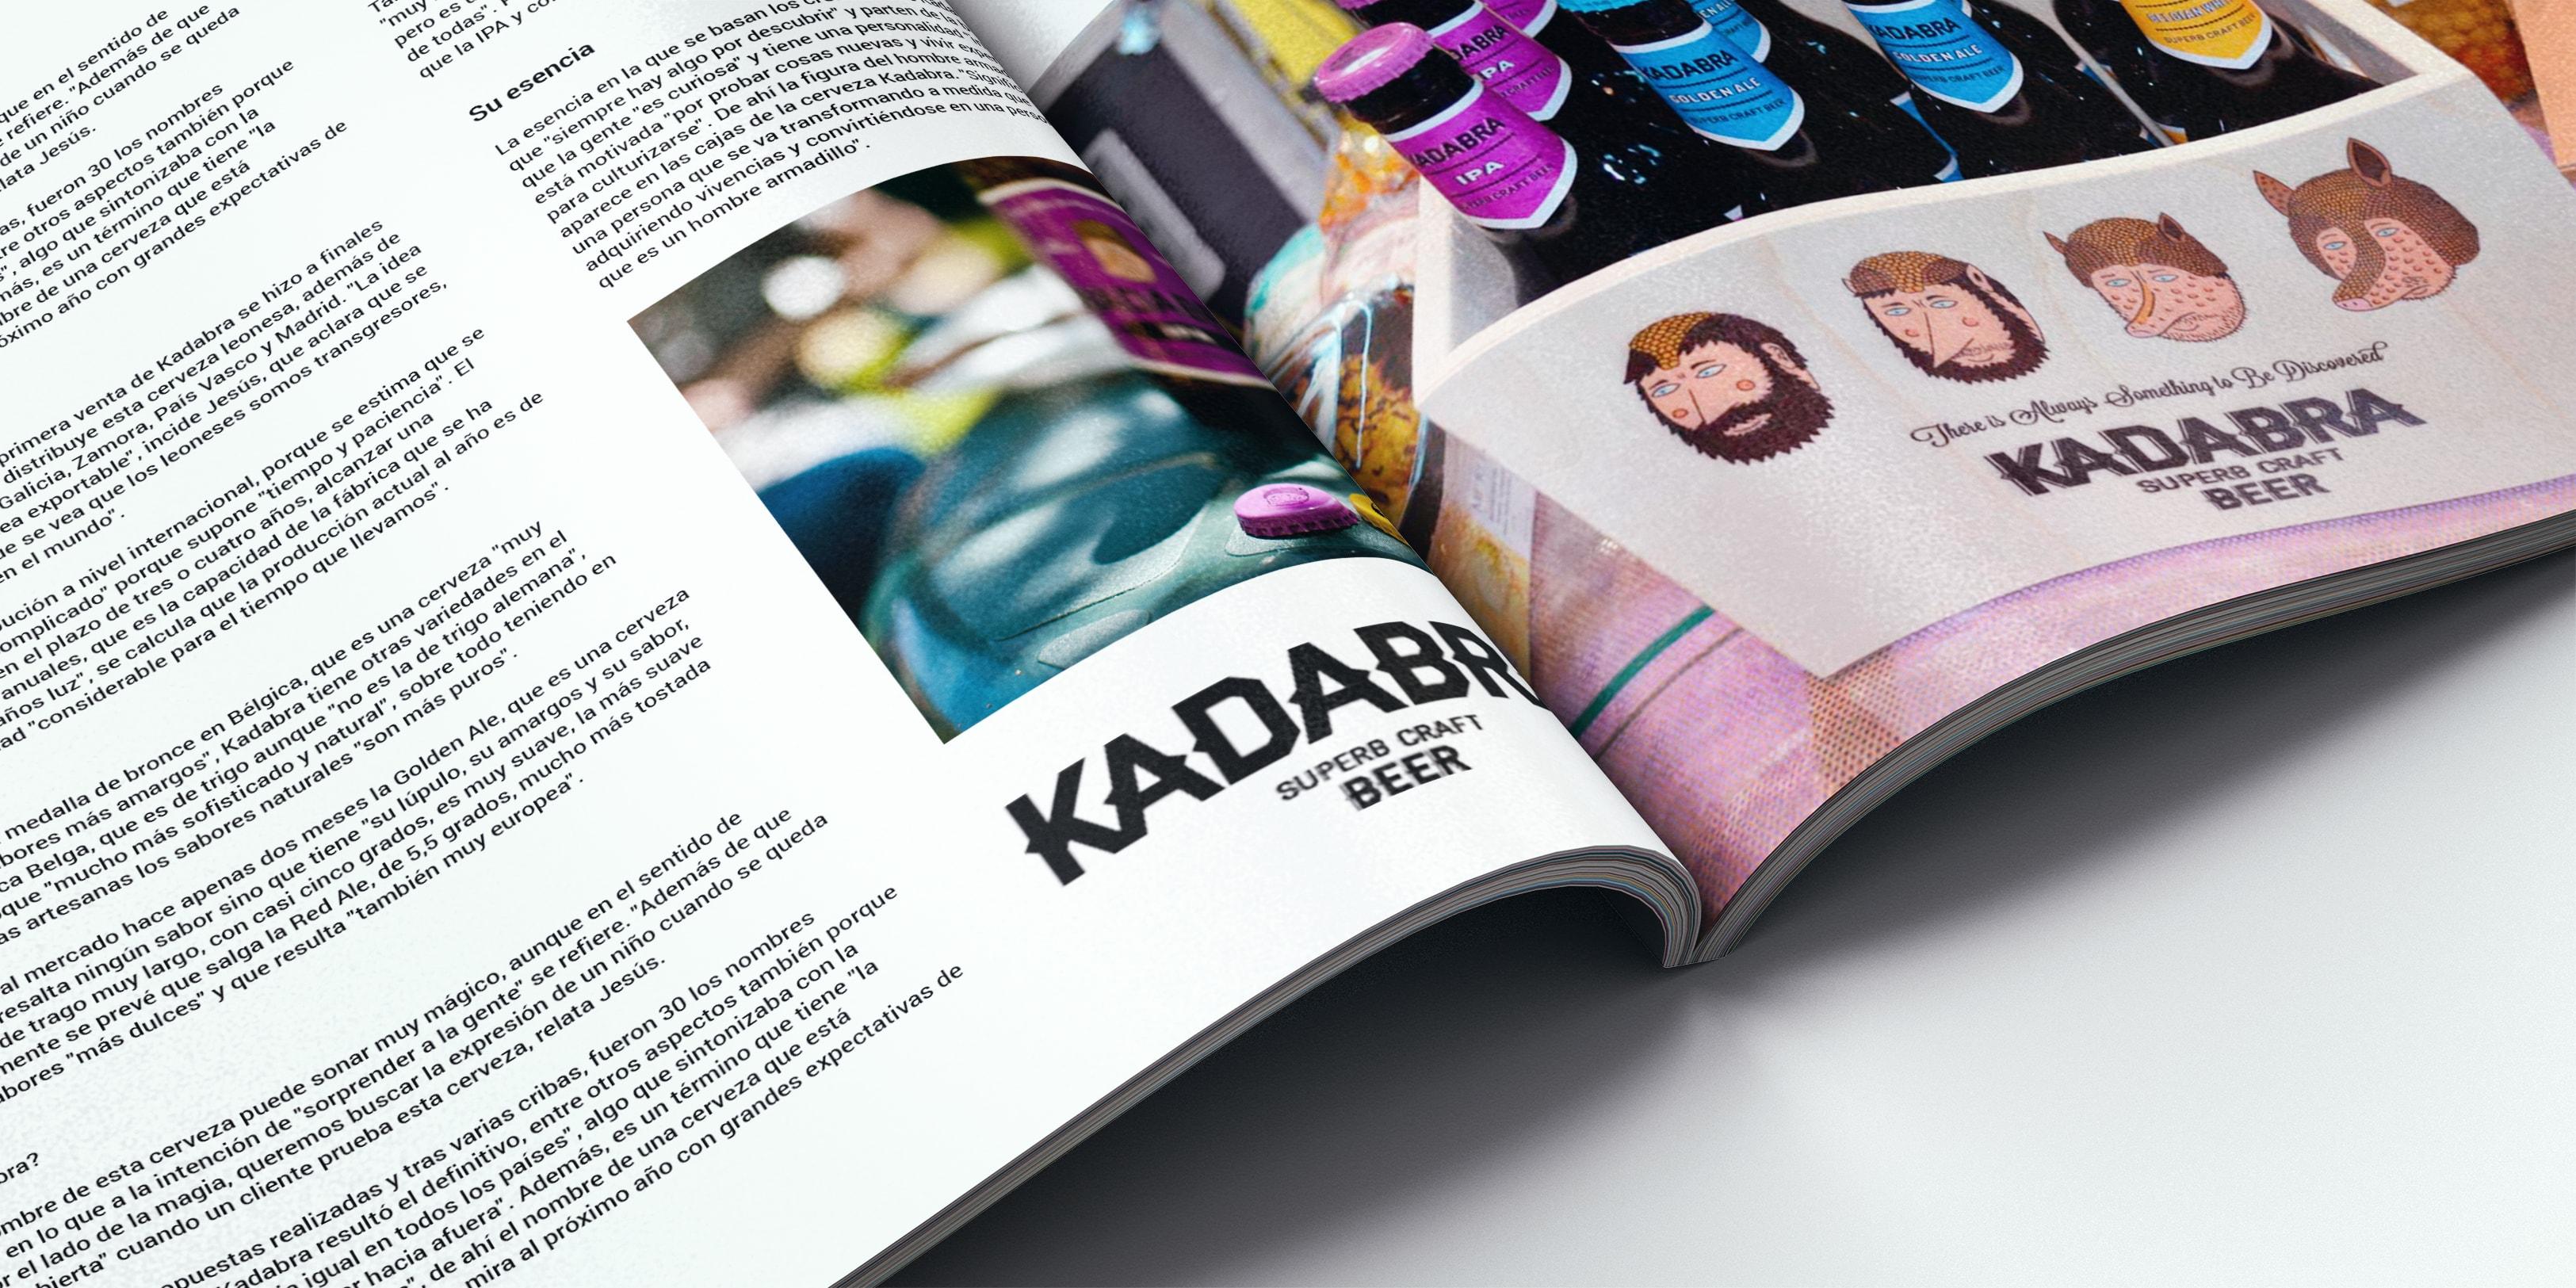 KADABRA revista